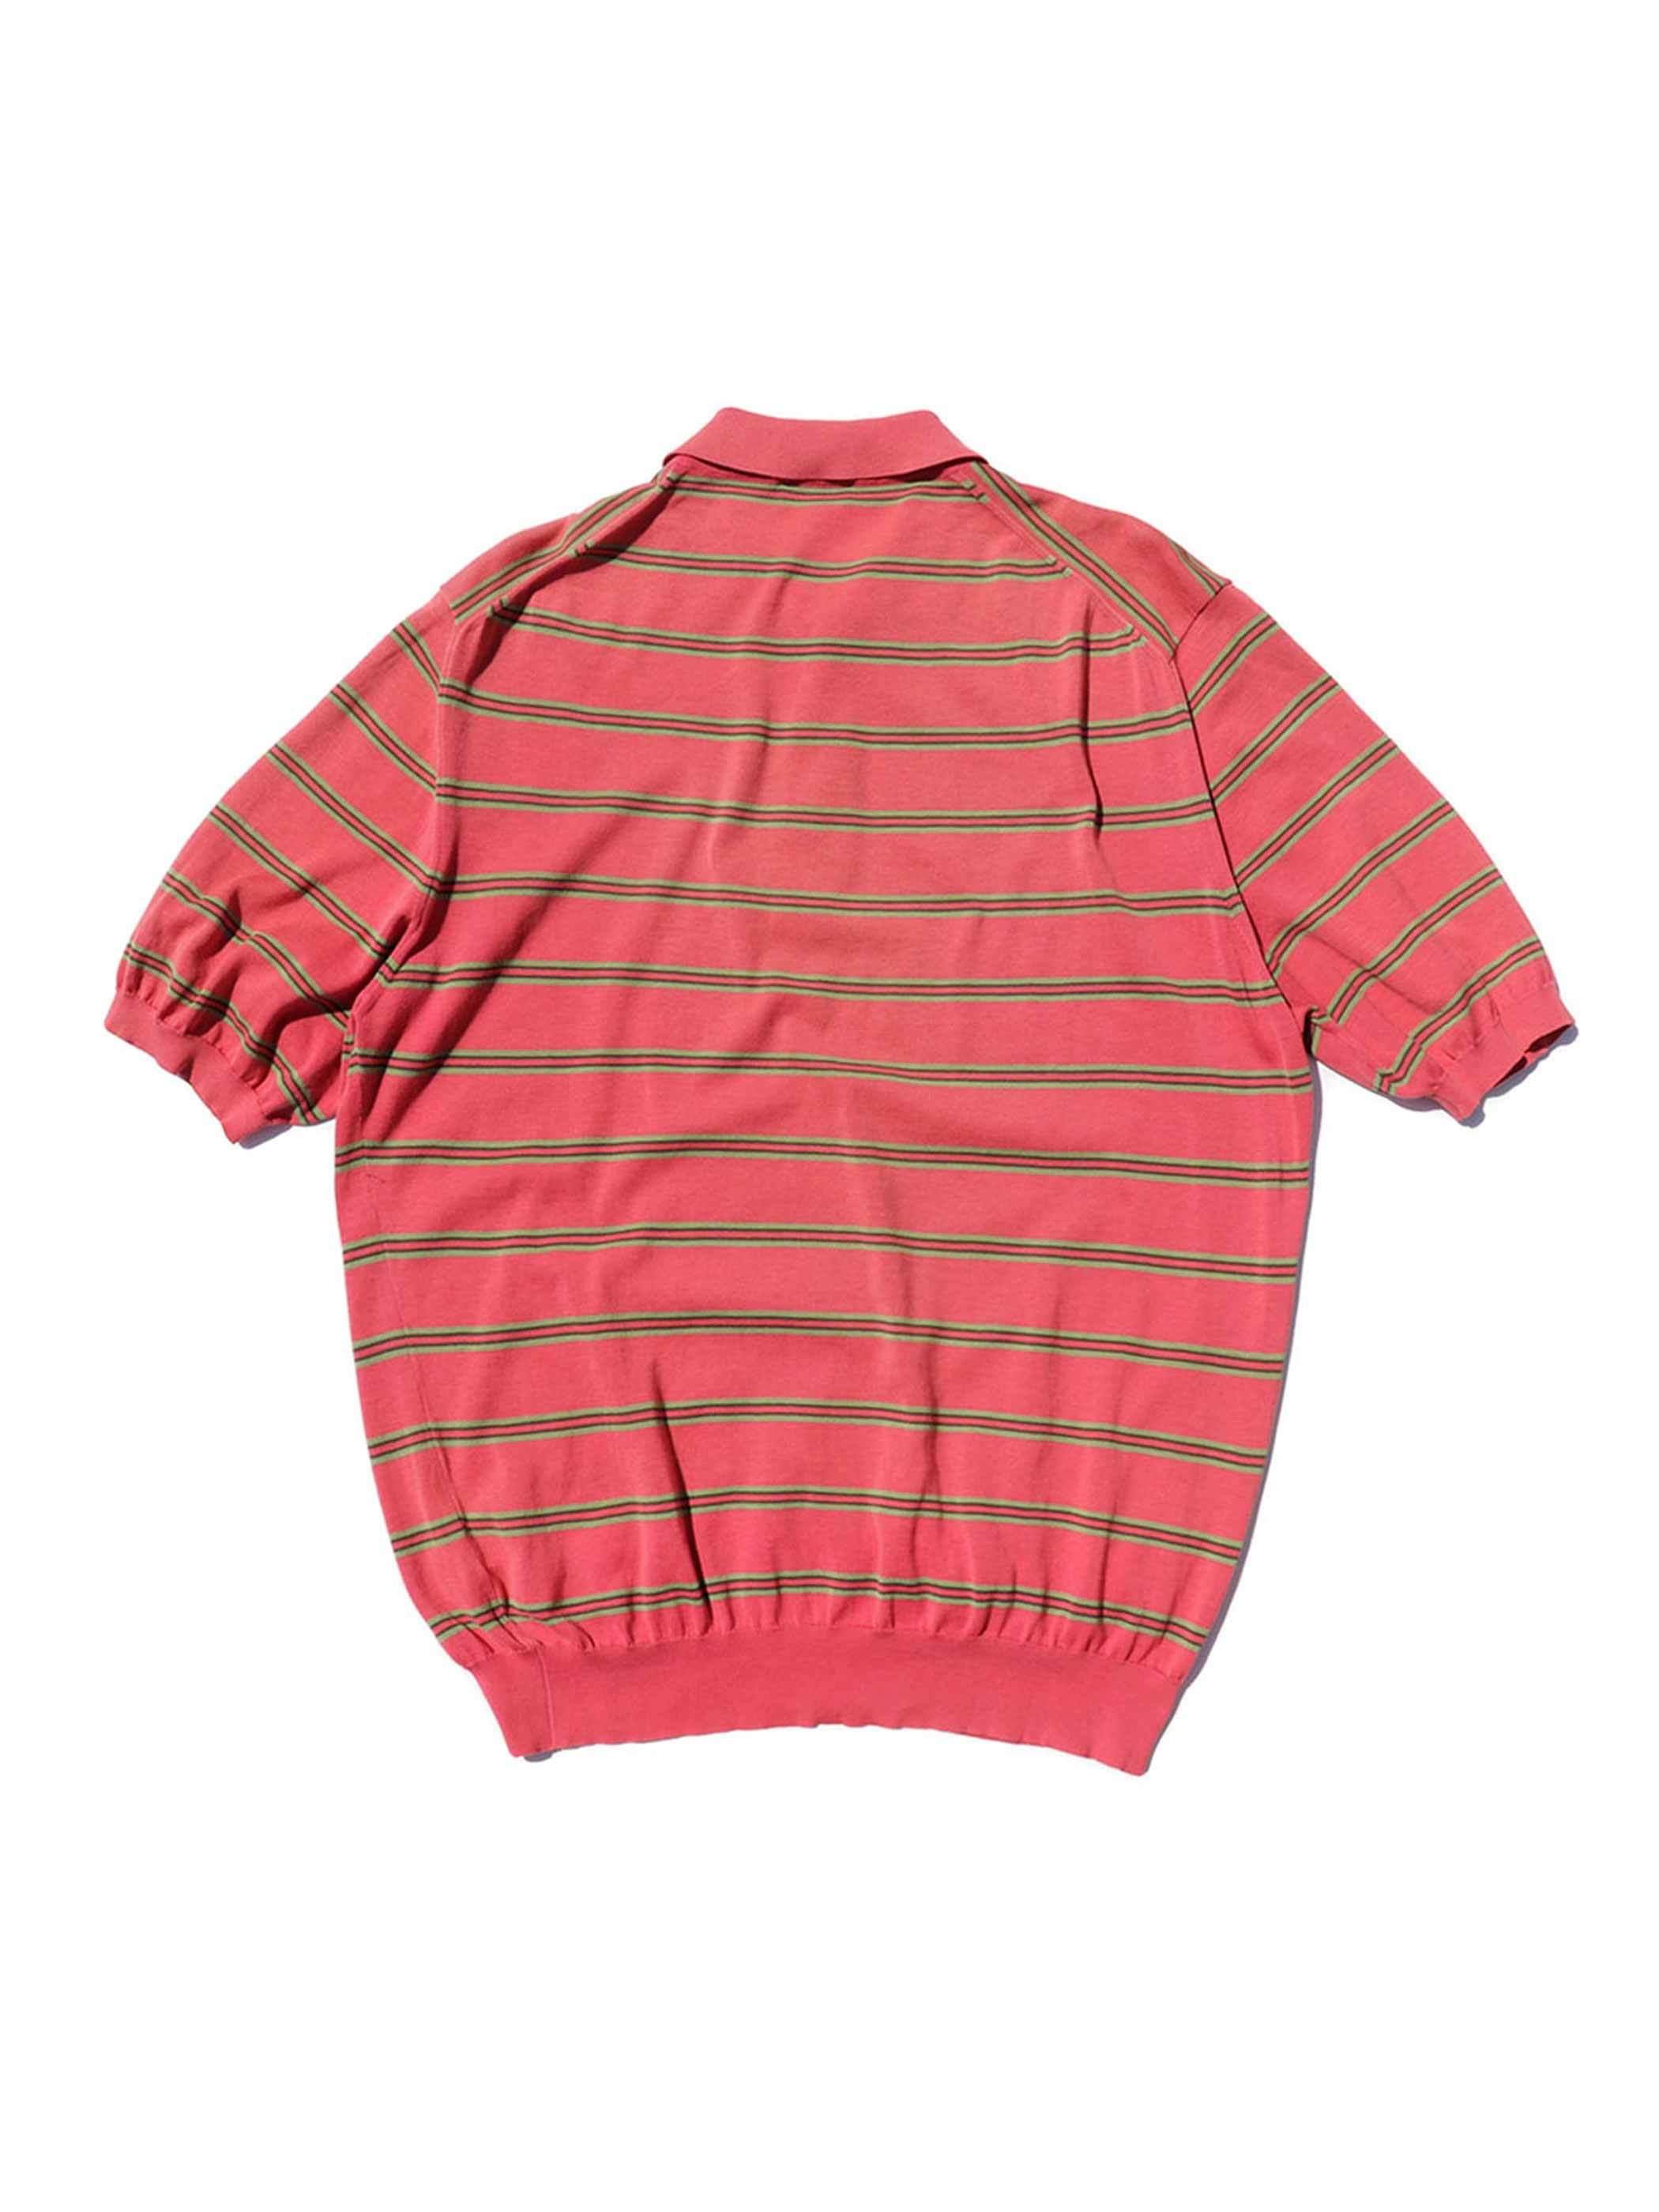 90's~ AVON CELLI コットンニット ポロシャツ [52]